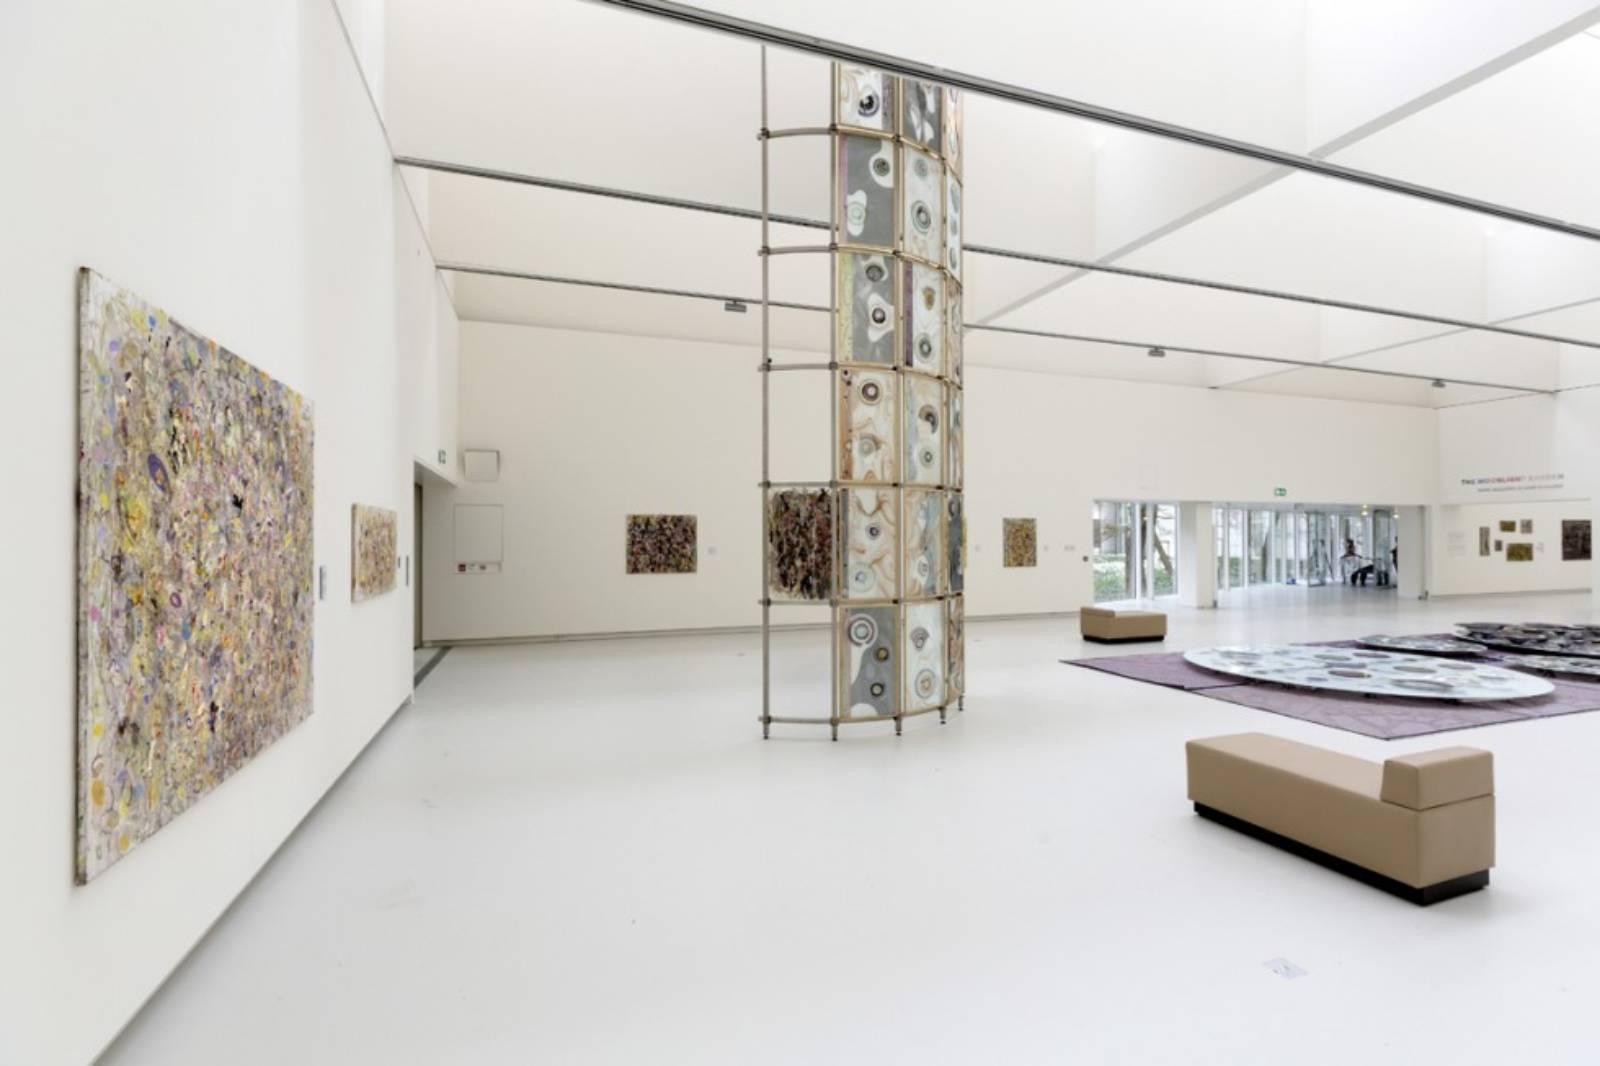 MUSEUMKWARTIER 'S-HERTOGENBOSCH BY BIERMAN HENKET